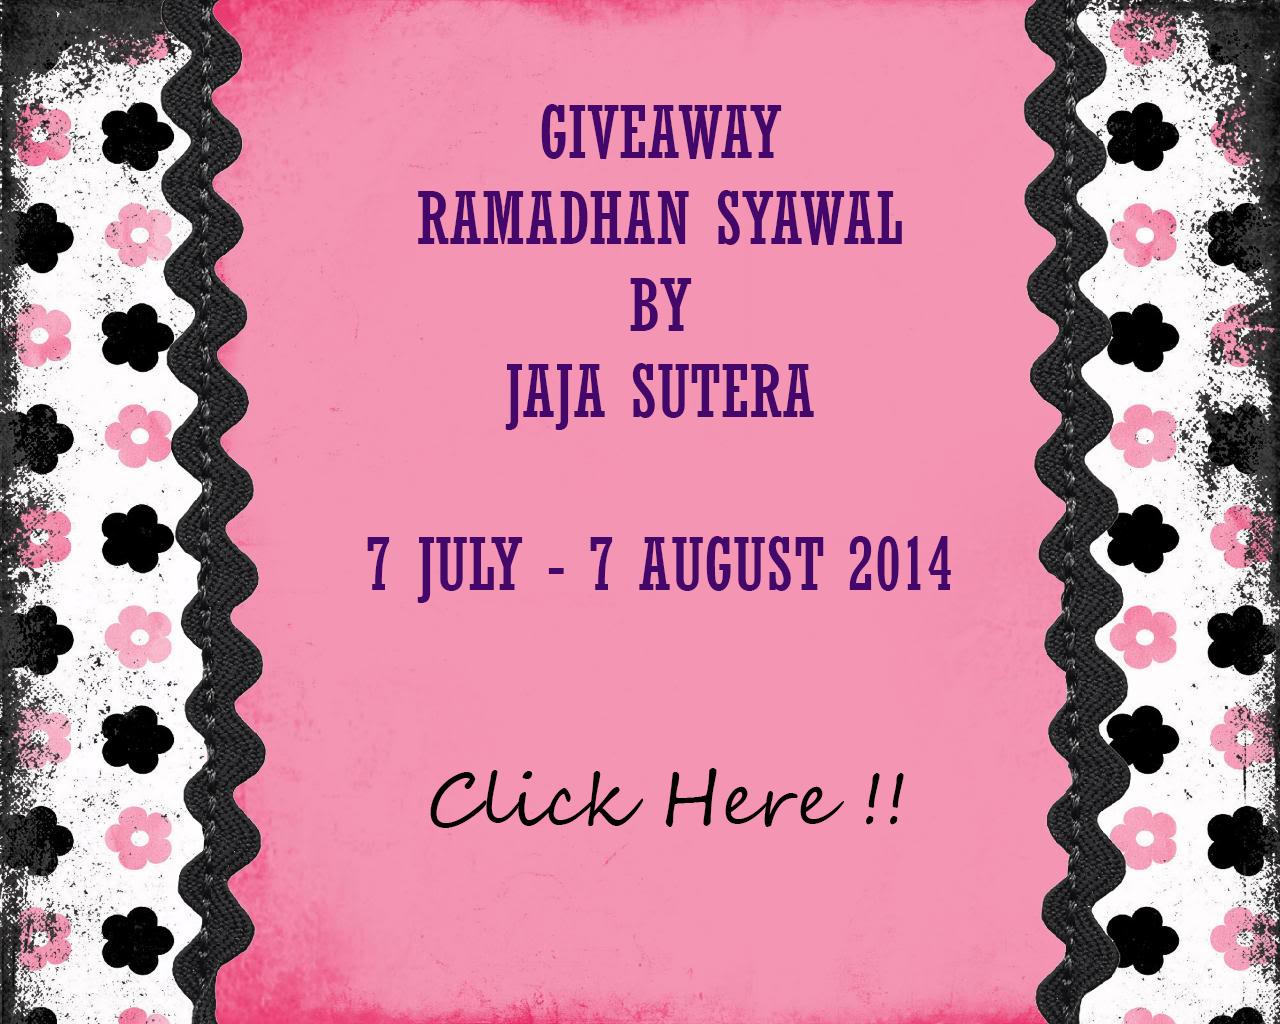 http://jajasutera.blogspot.com/2014/07/giveaway-ramadhan-syawal-by-jaja-sutera.html